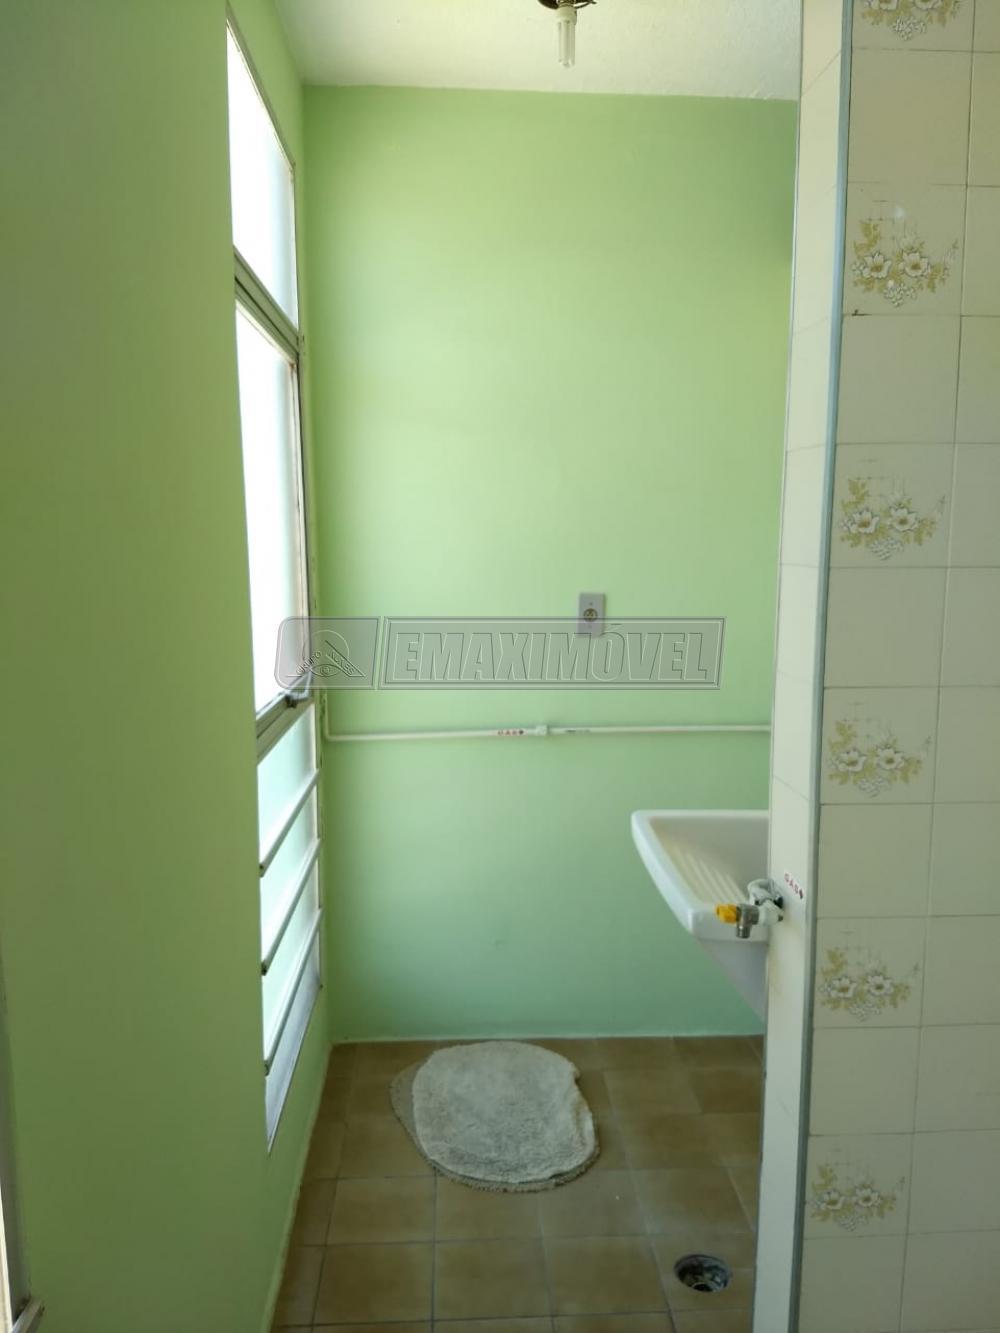 Comprar Apartamento / Padrão em Sorocaba R$ 148.400,00 - Foto 15